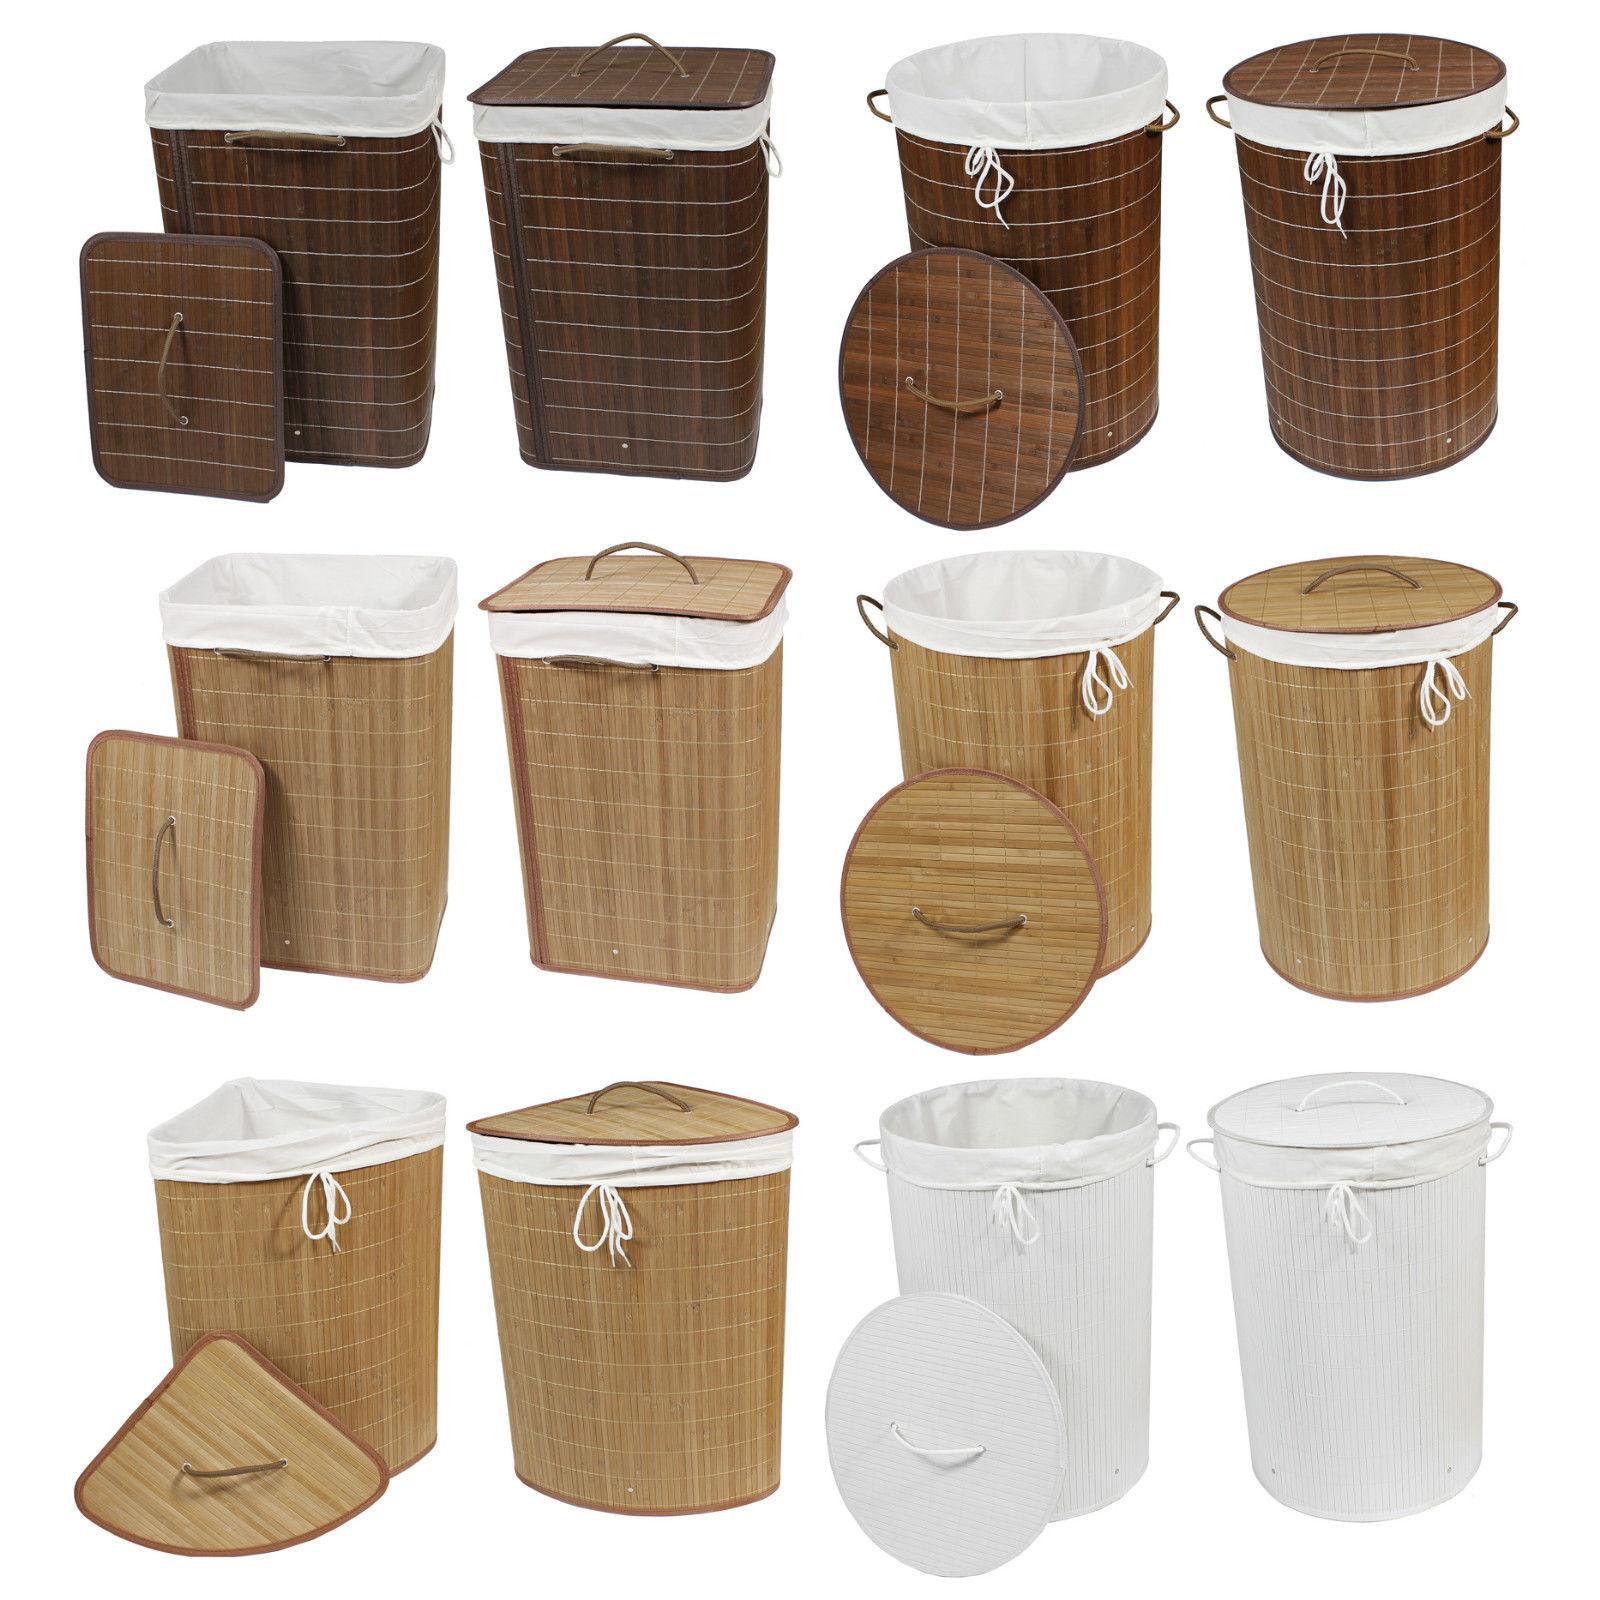 bambuswald© faltbarer Wäschekorb Wäschesortierer Wäschebehälter Truhe Box Wäsche